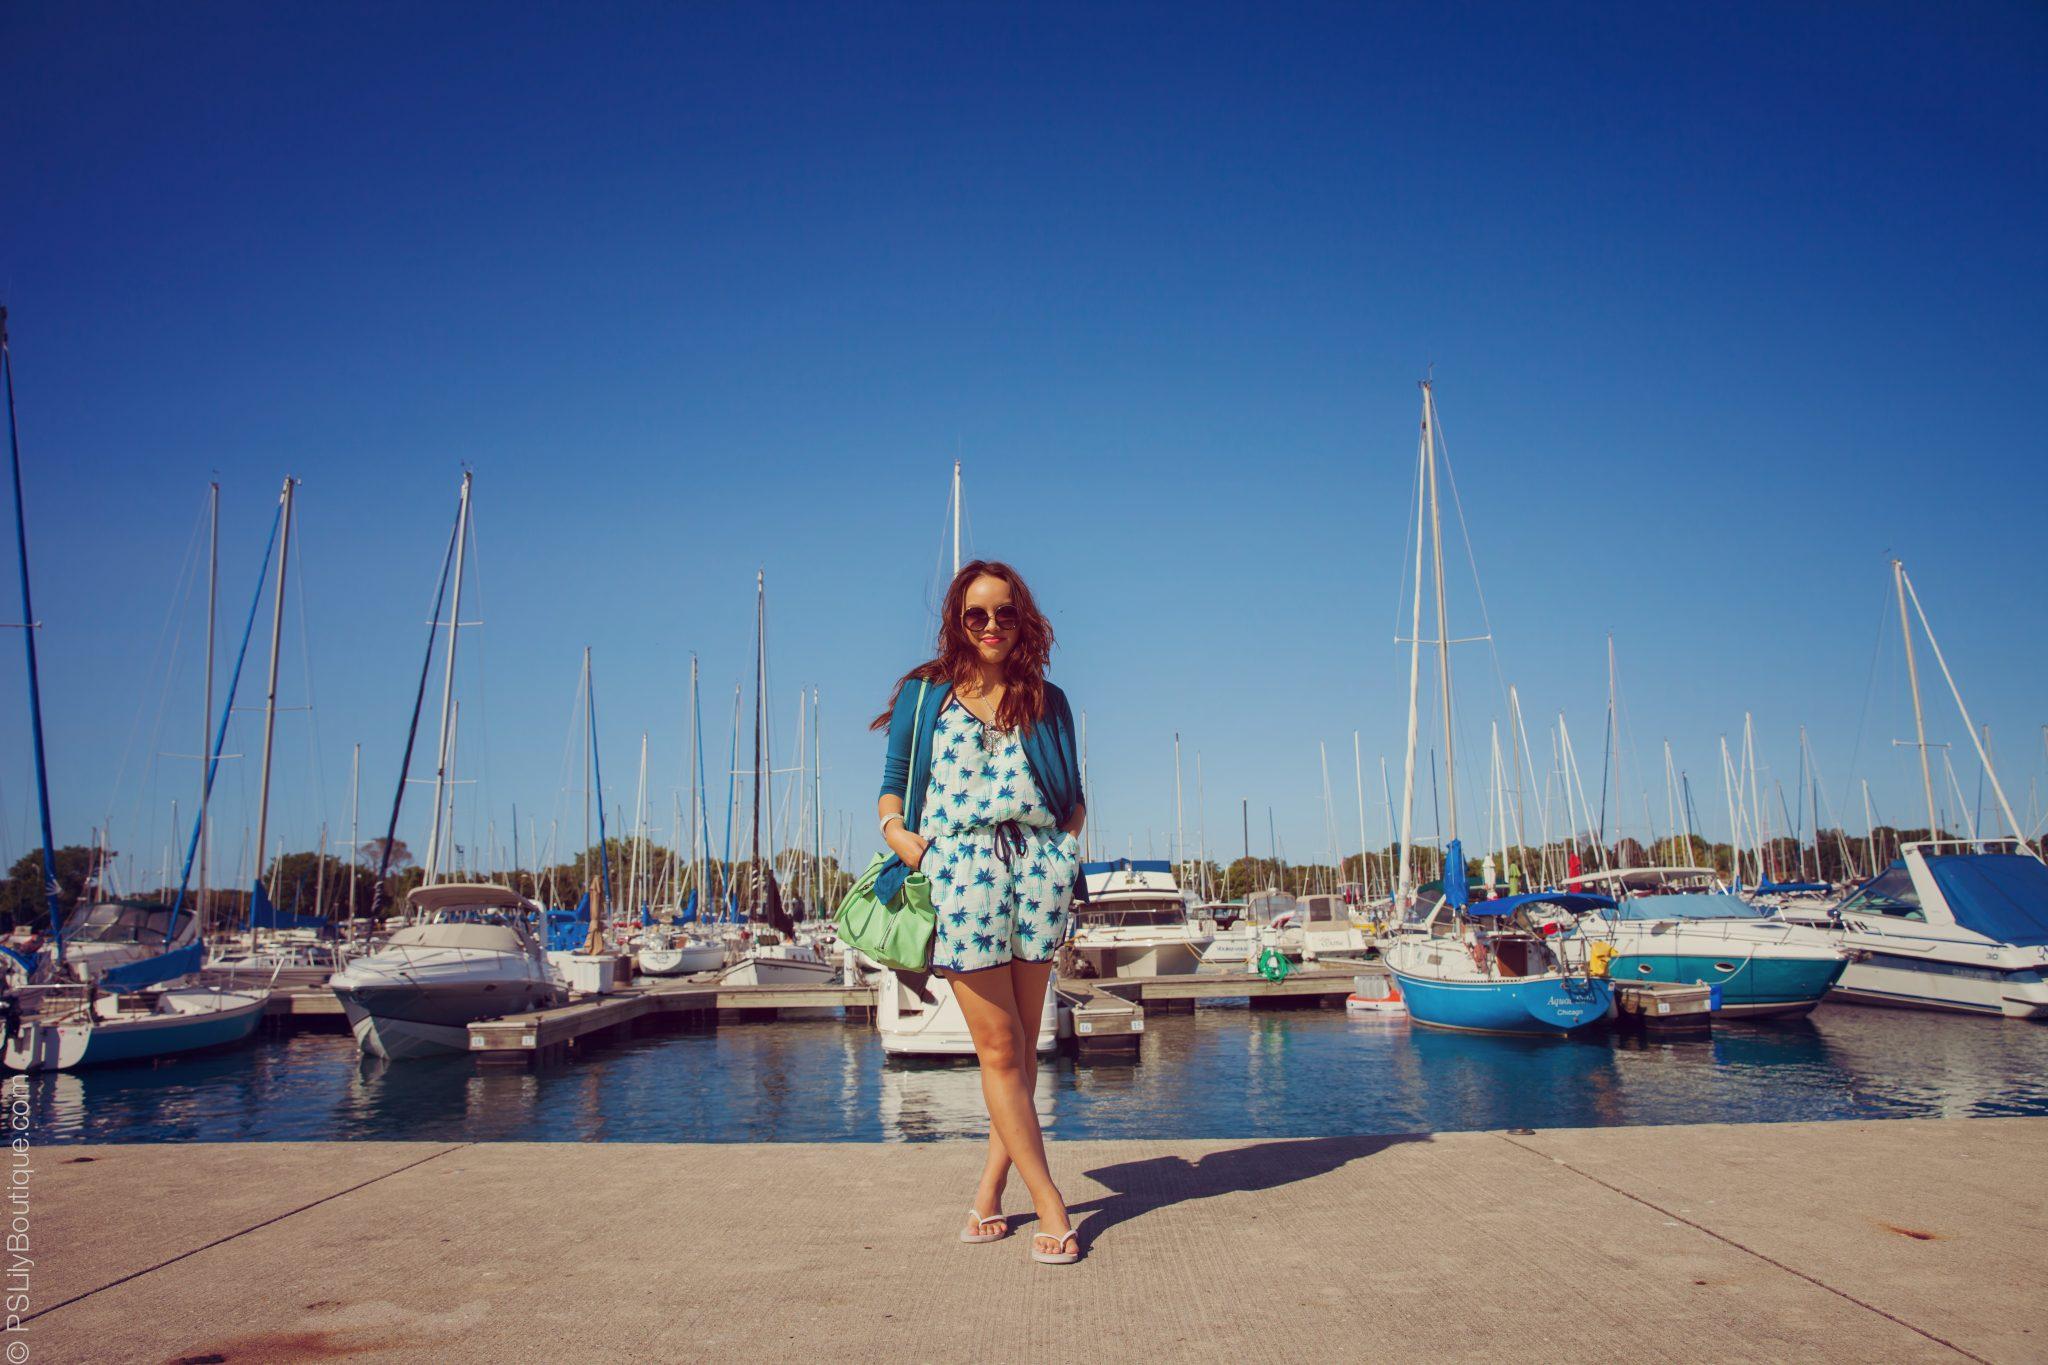 pslilyboutique-los-angeles-fashion-blogger-chicago-boat-dock-target-white-sandals-flipflops